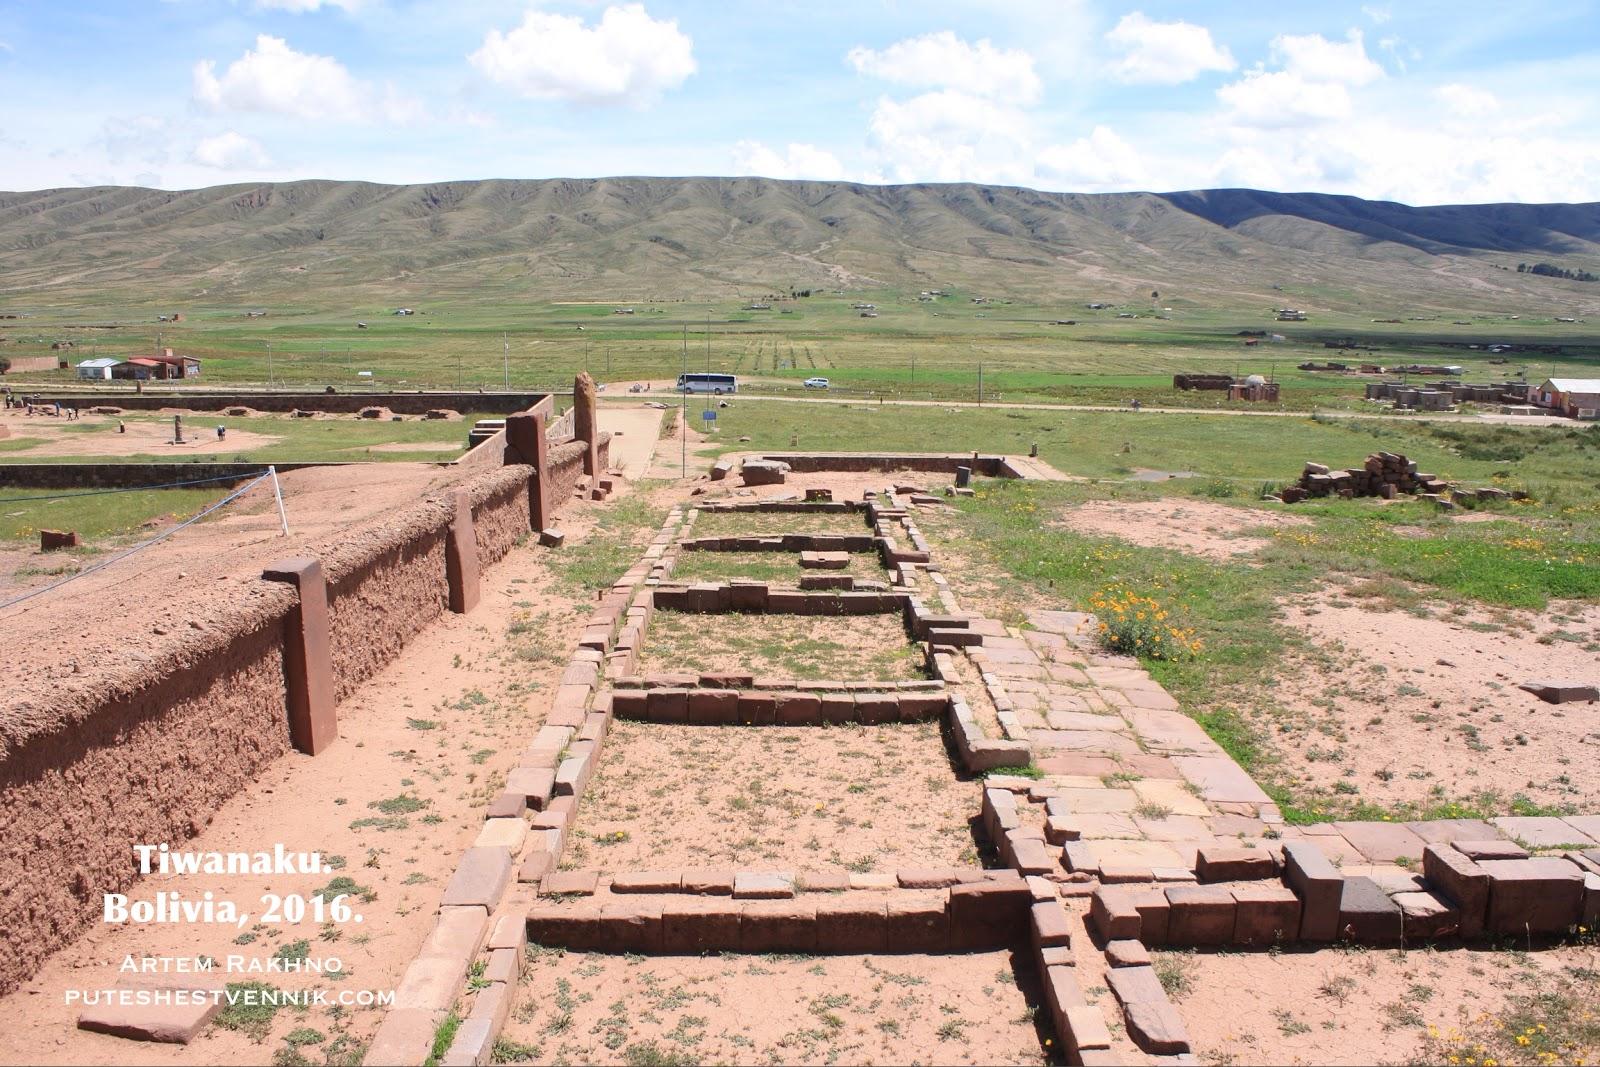 Развалины Тиуанако в Боливии